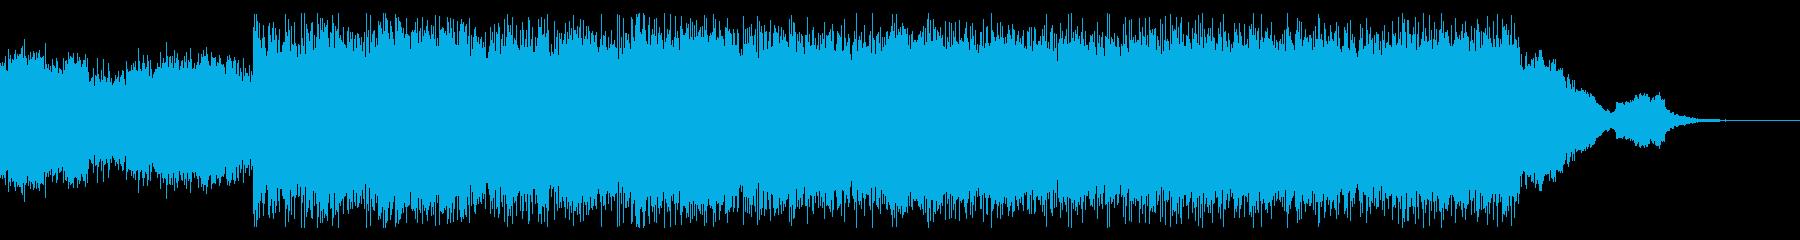 力強くオーガニックなインストの再生済みの波形